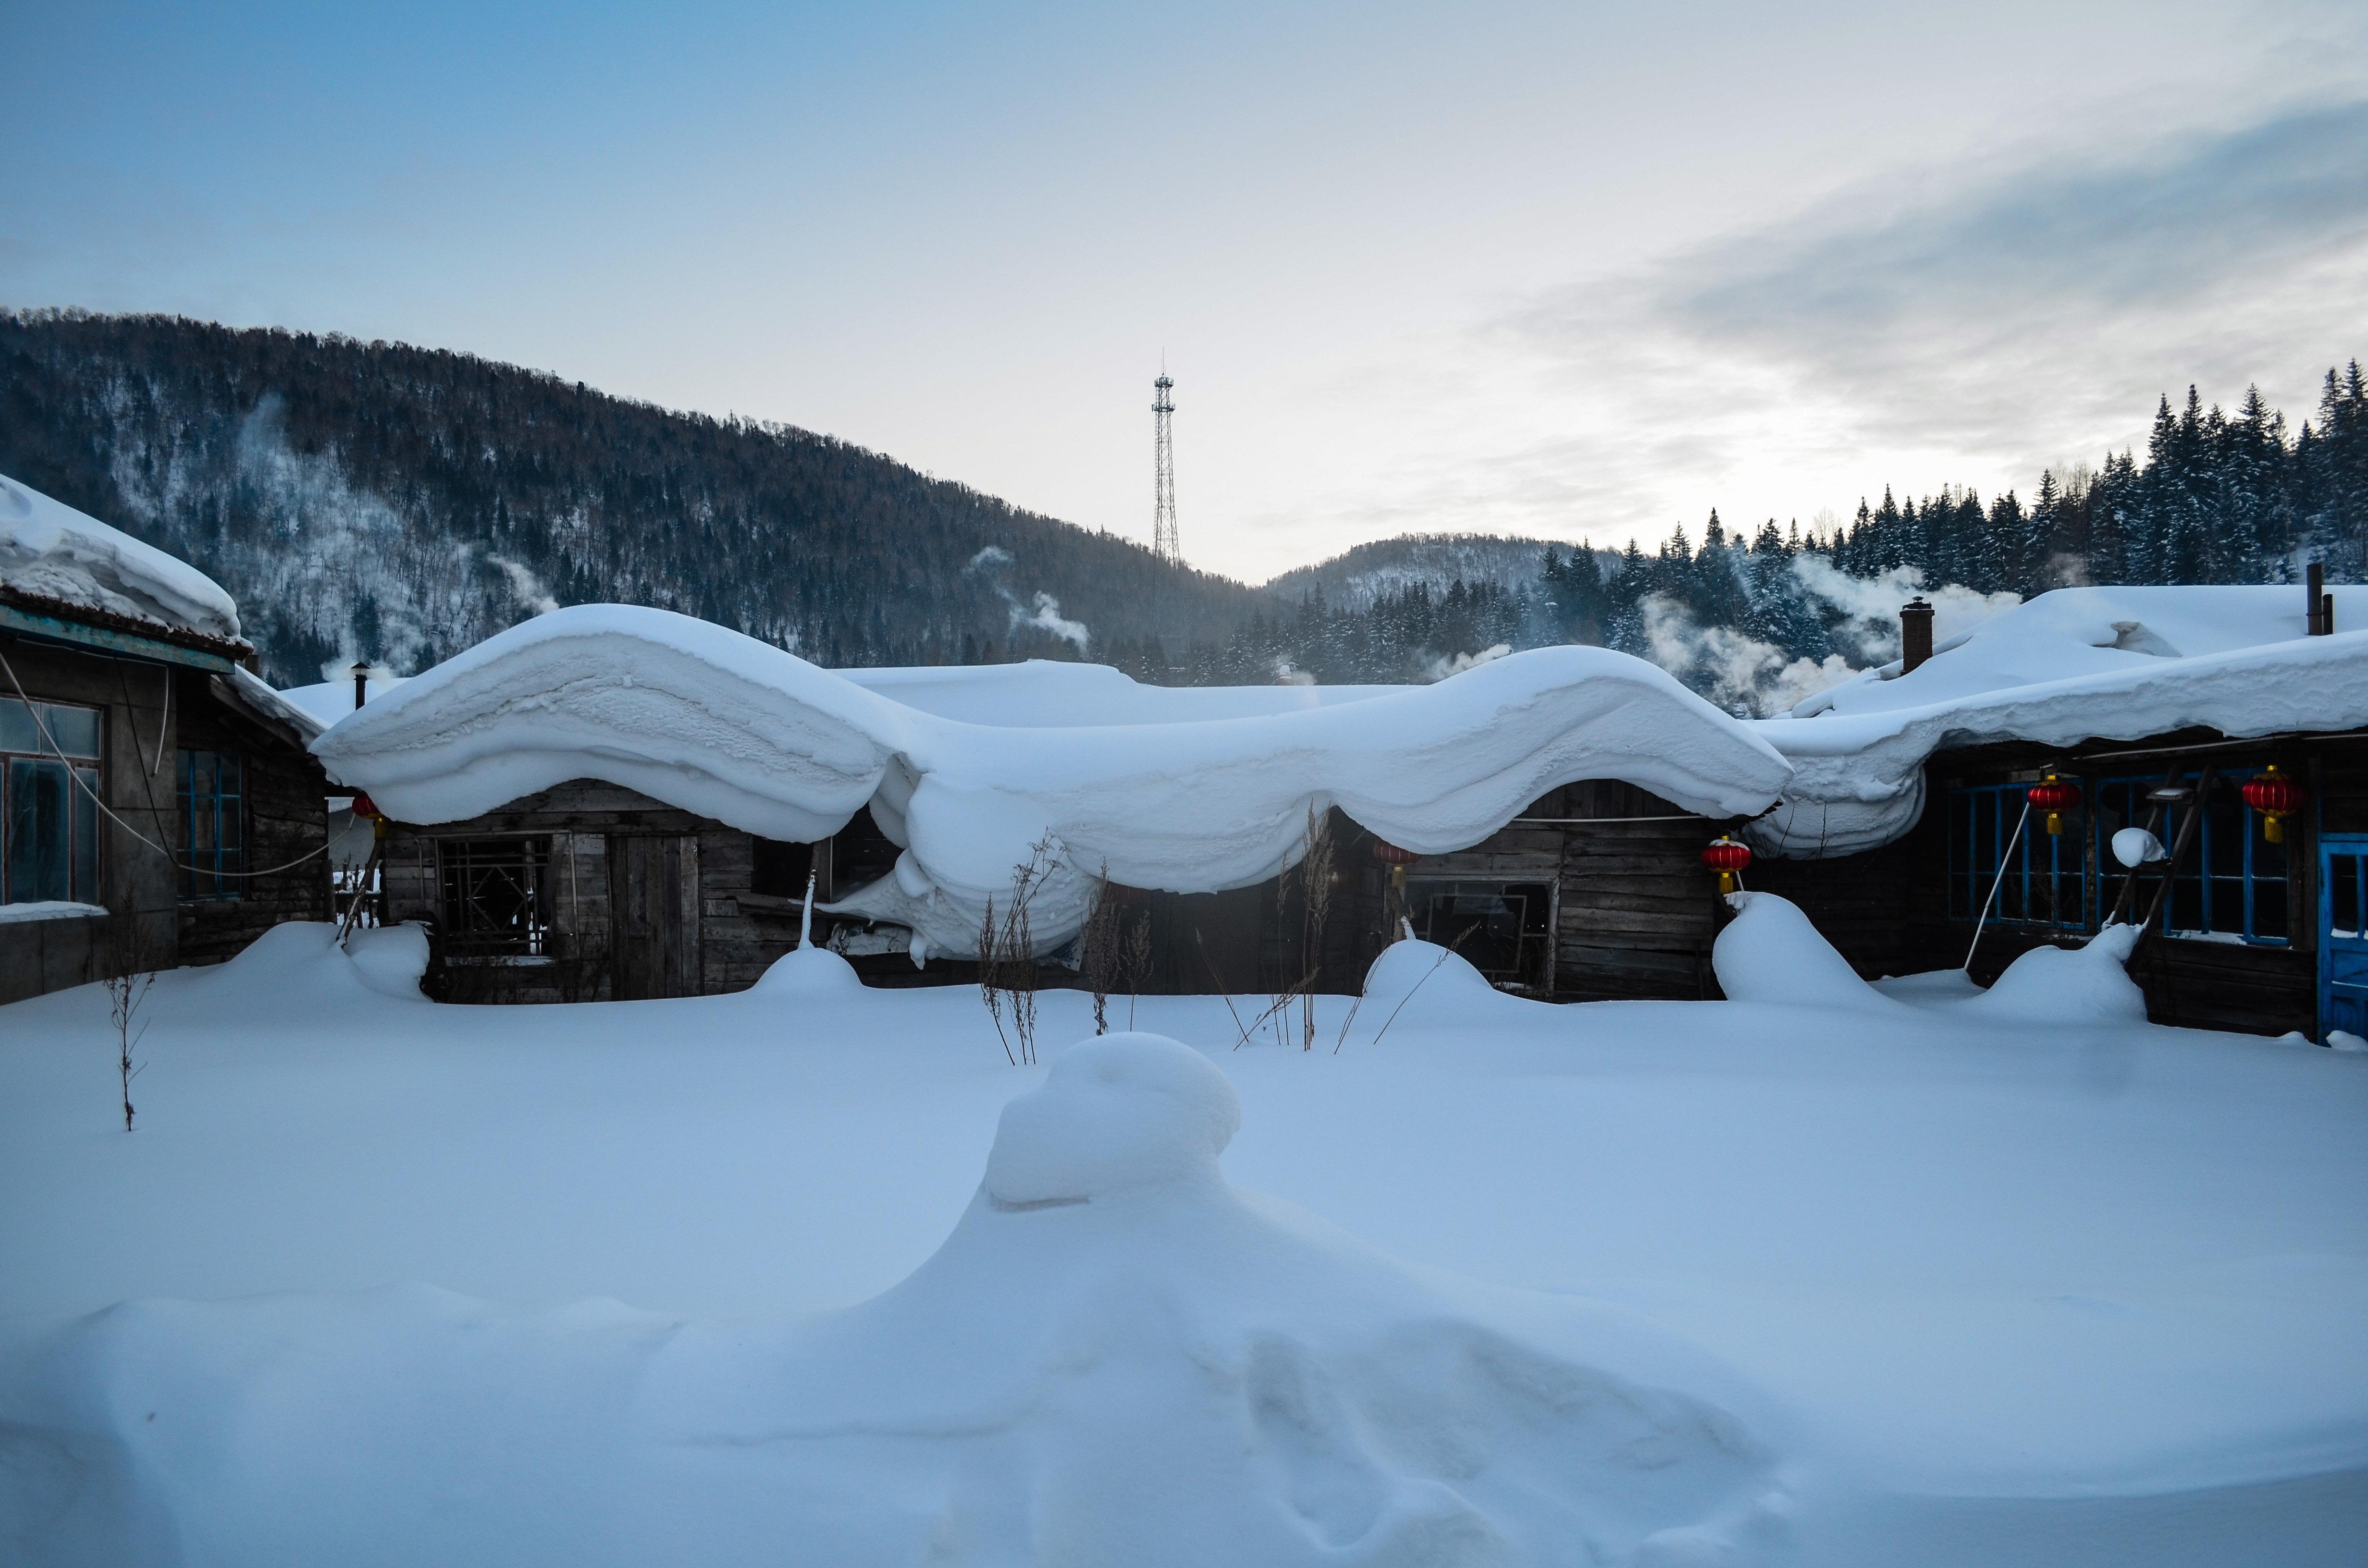 雪乡的平房都顶著可爱的蘑菇头